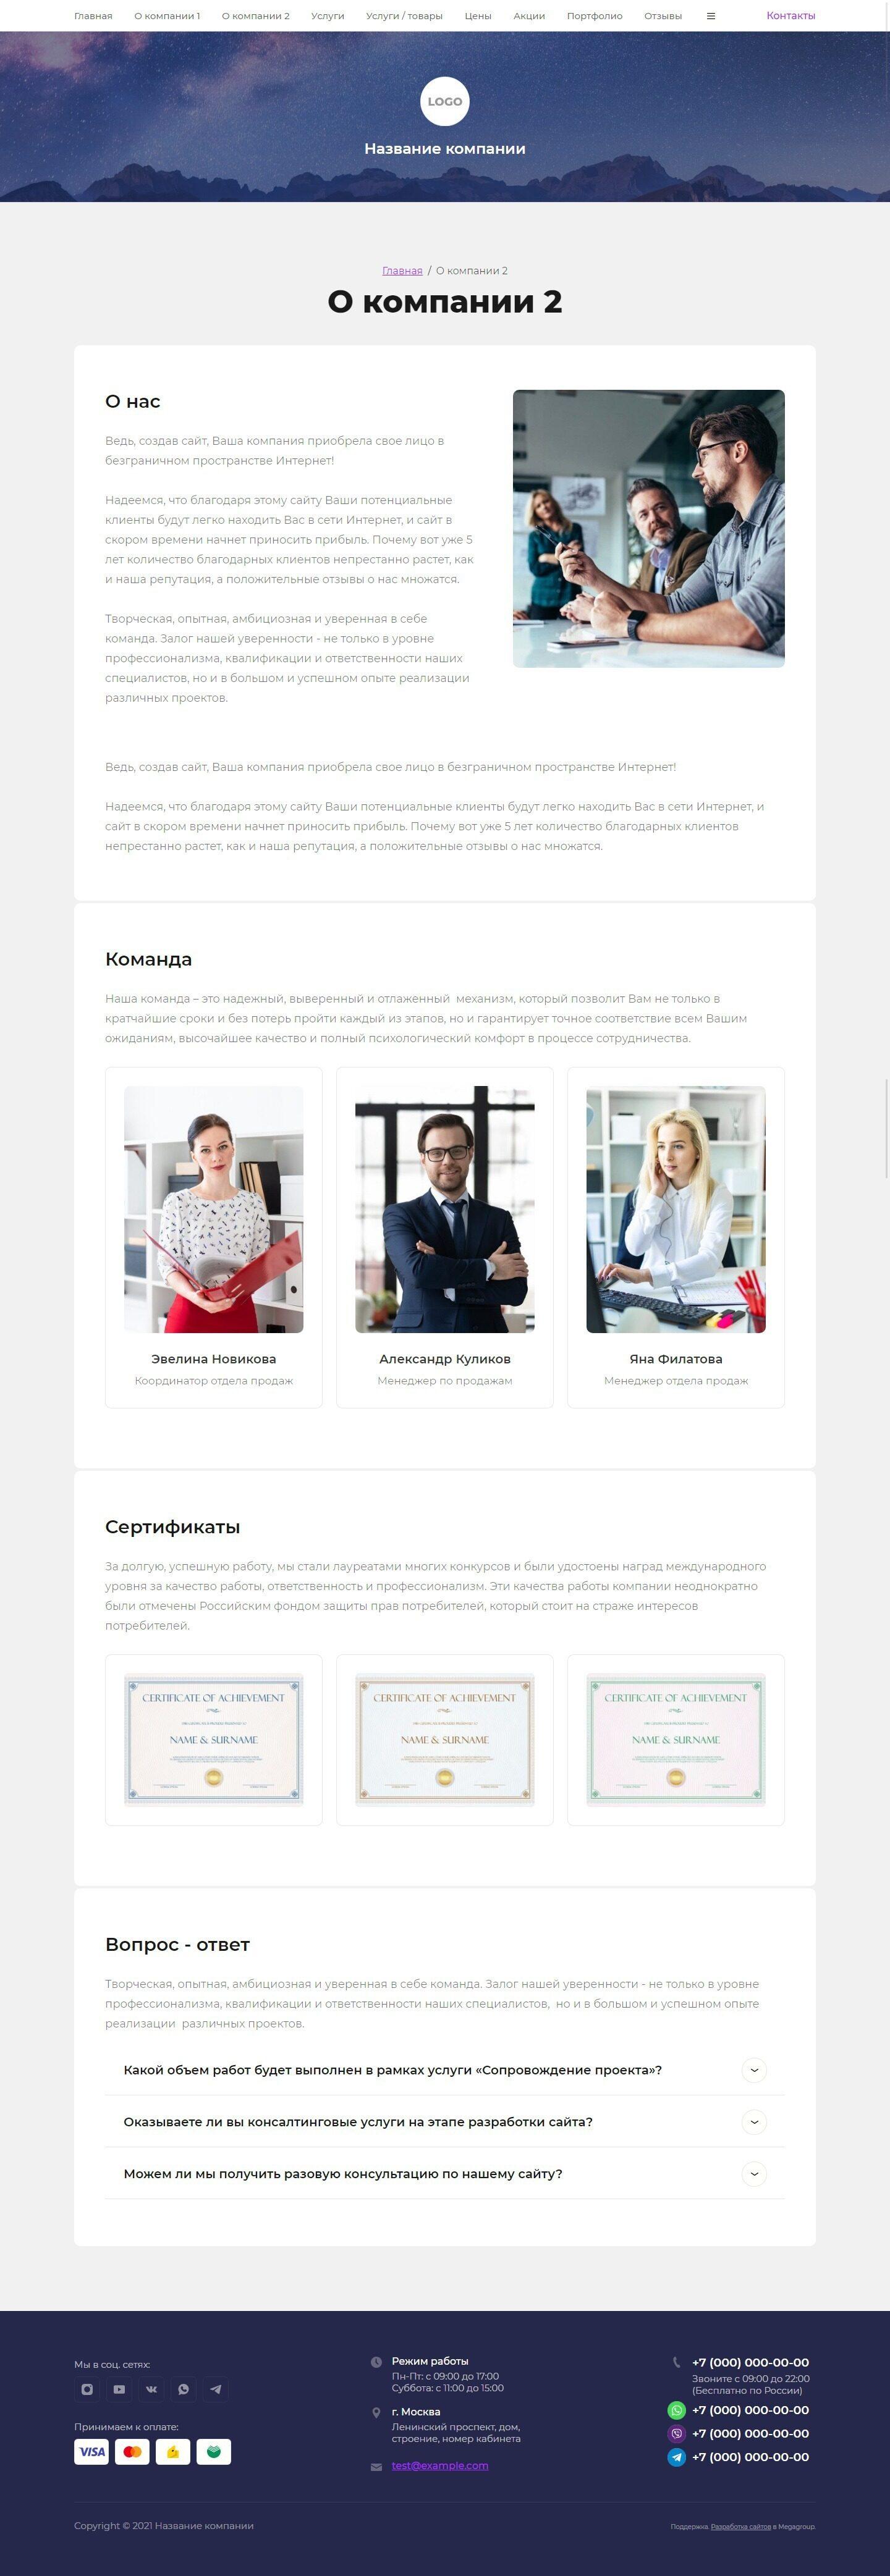 Готовый Сайт-Бизнес #3002427 - Универсальный дизайн (О компании)